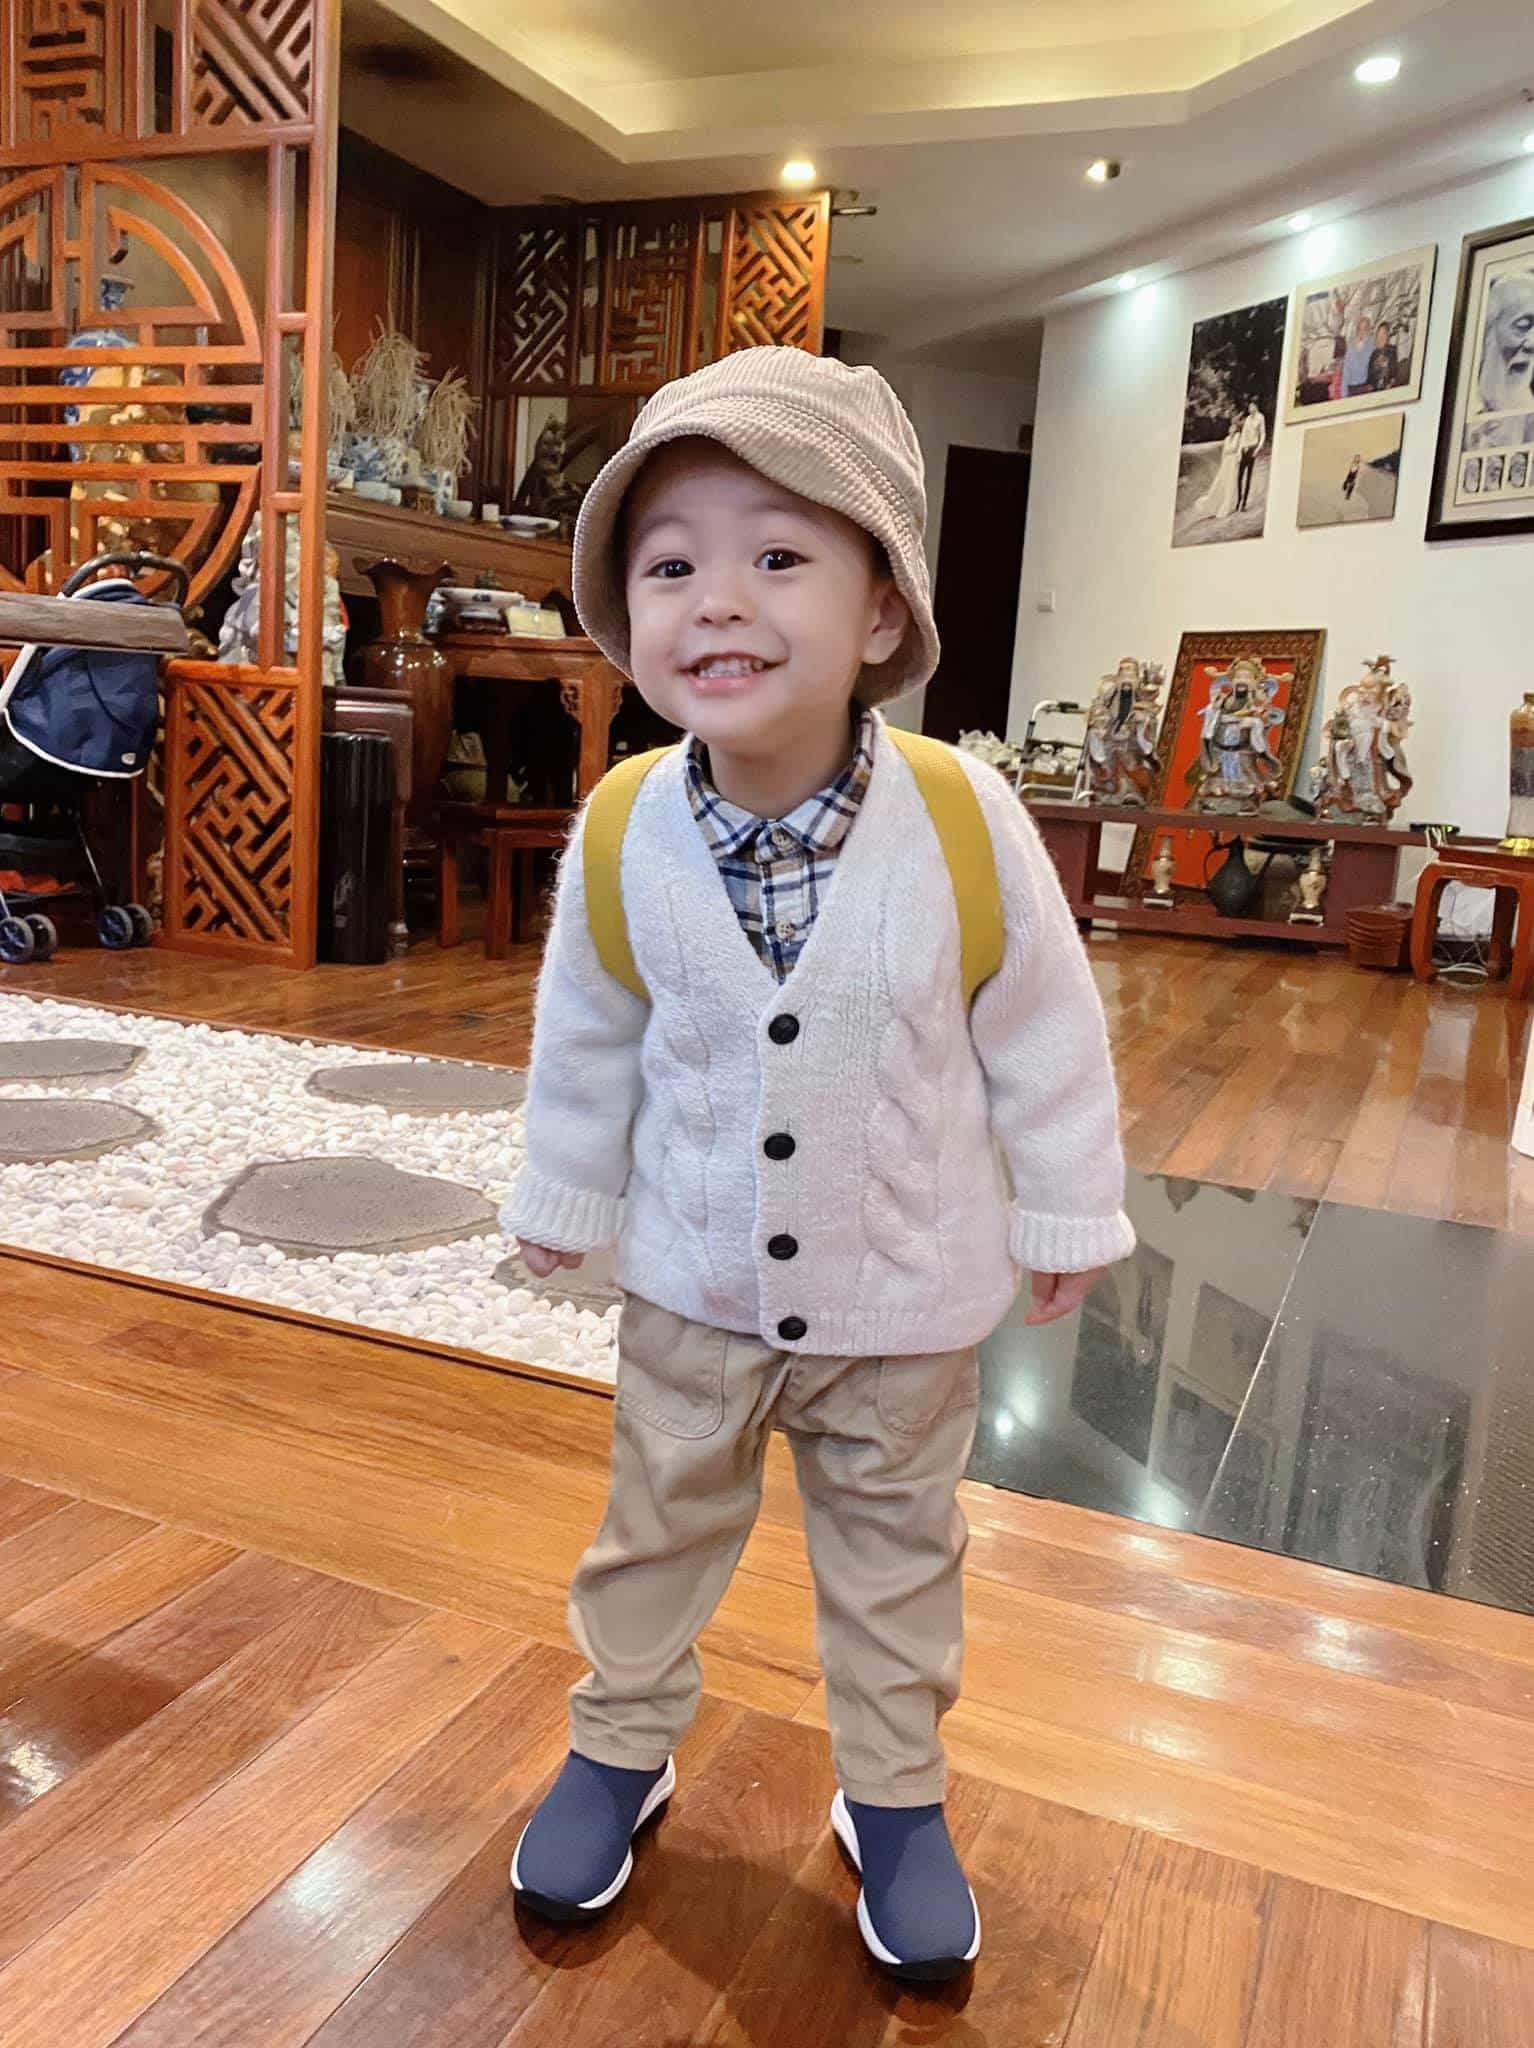 Con trai ca nương Kiều Anh: Mới 3 tuổi nhưng liên tục phải chuyển lớp, nguyên nhân thật sự khiến ai cũng kinh ngạc - Ảnh 2.